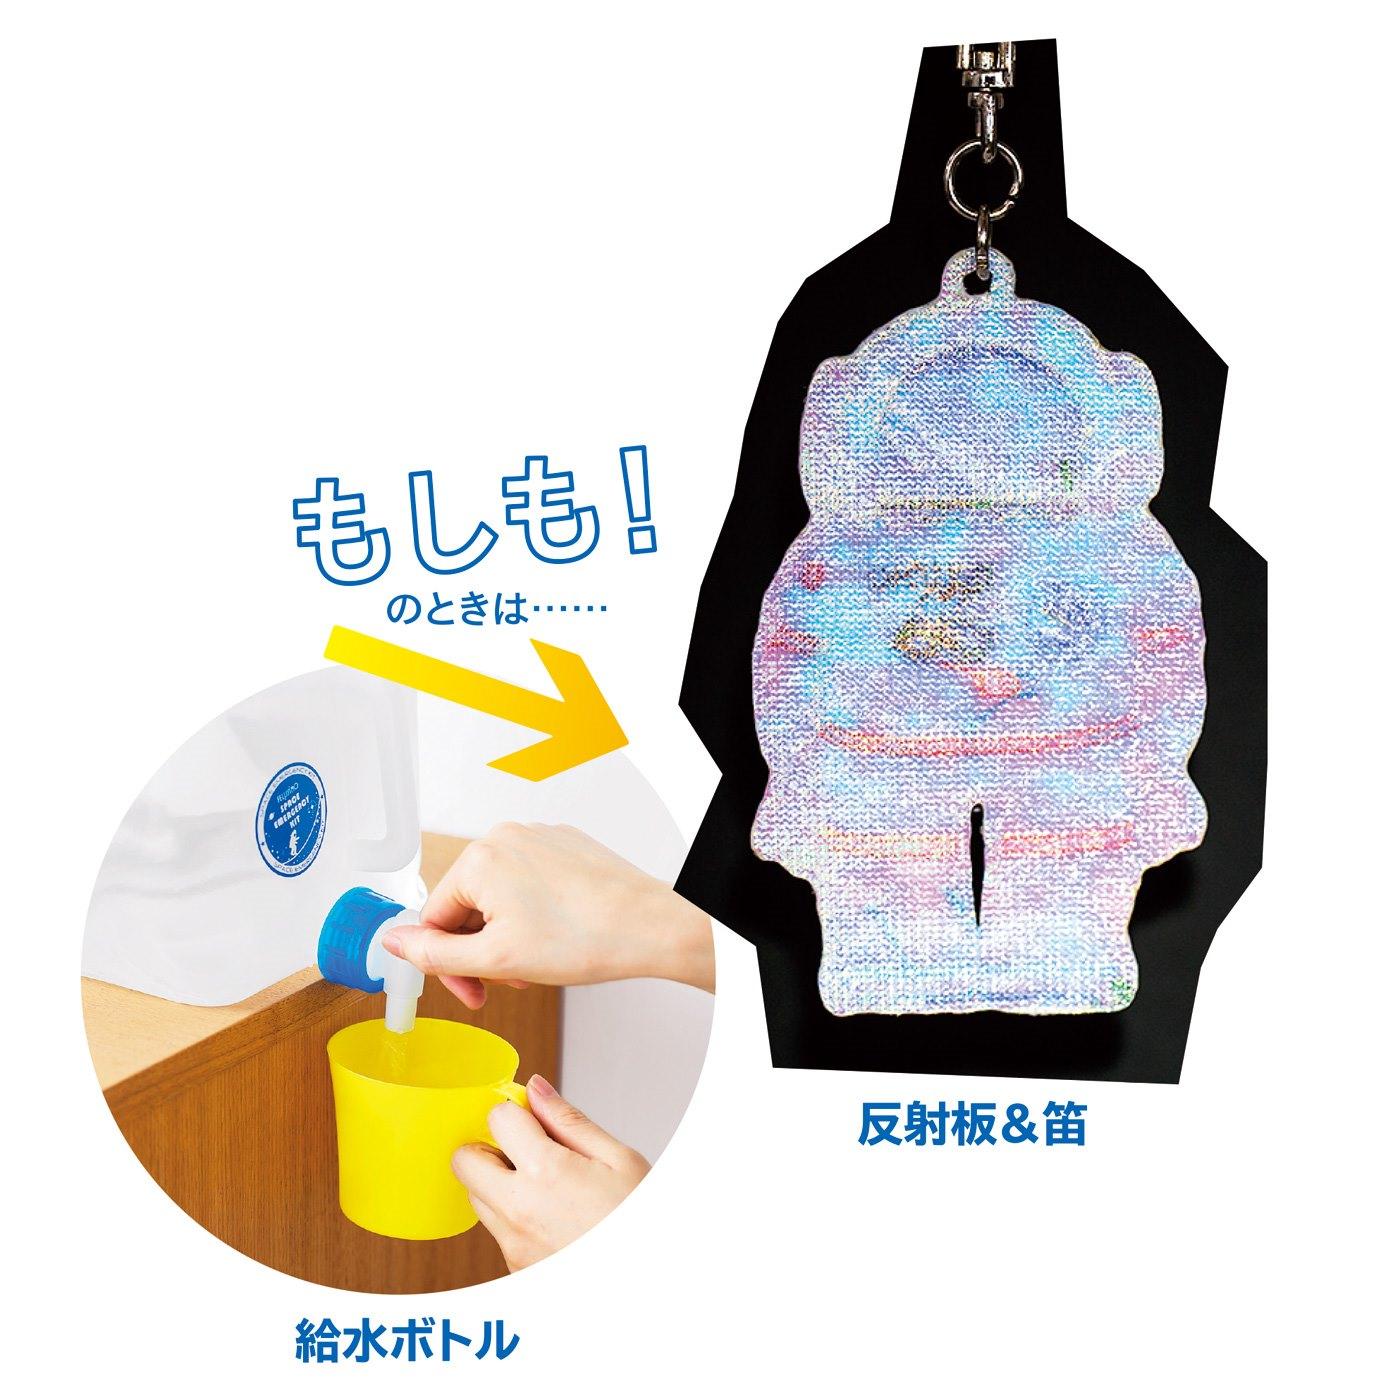 水タンクは、なんと5Lの大容量。綿100%の軍手はJIS規格の日本製。ガラスや瓦礫(がれき)から手を守るだけでなく、冬場は防寒にも役立ちます。キーホルダーは存在を知らせる反射素材を使用。笛と一緒にいつも携帯!